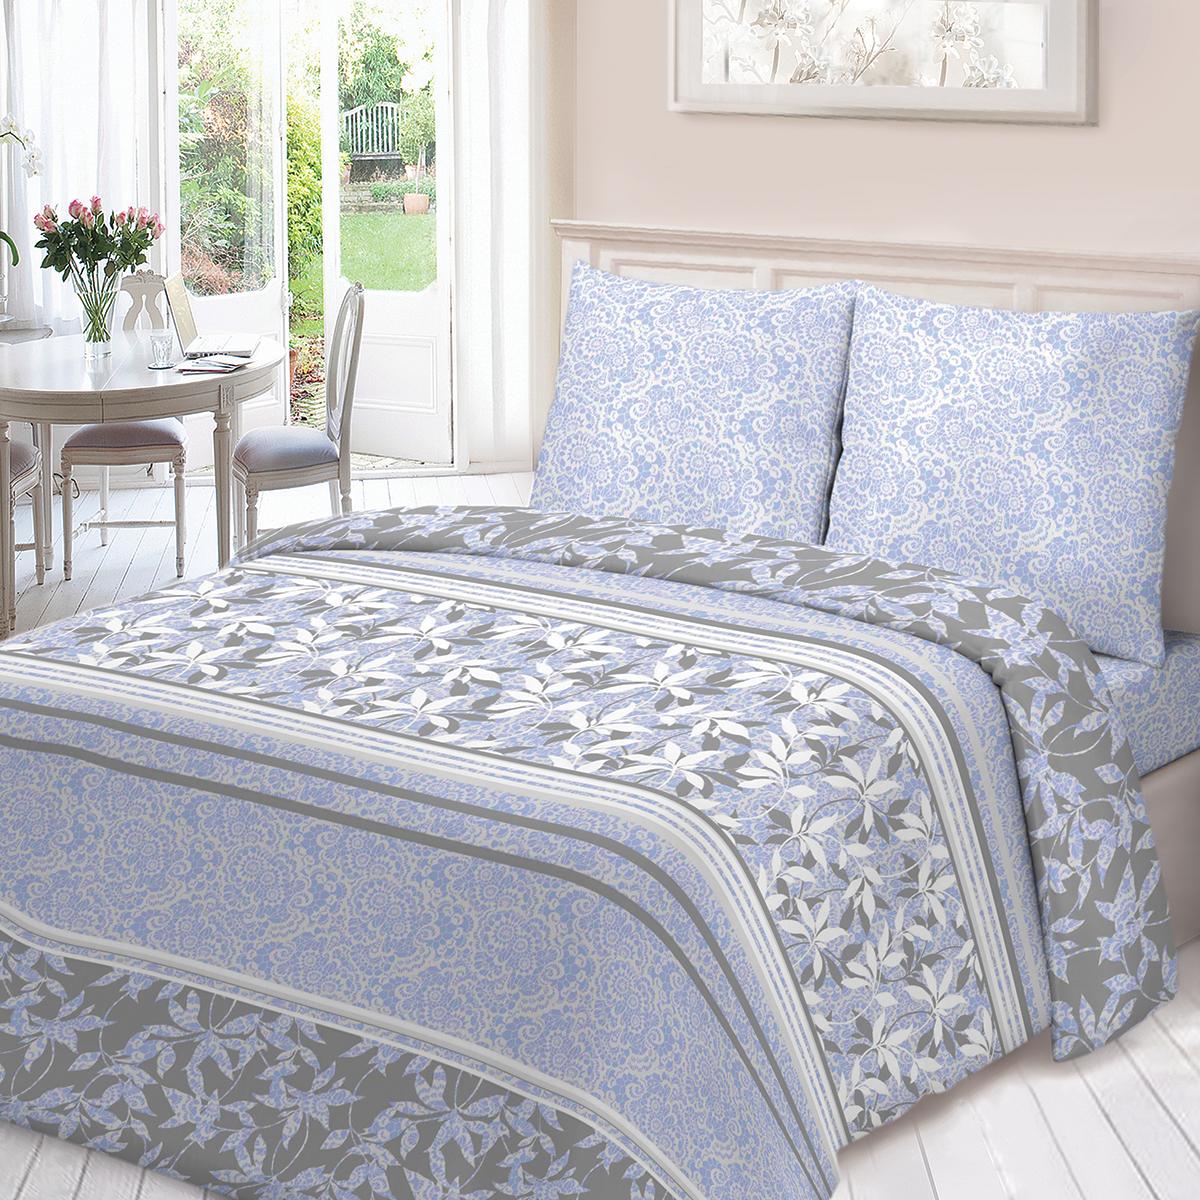 Комплект белья Для Снов Адиссон, 1,5-спальный, наволочки 70х70, цвет: голубой комплекты белья